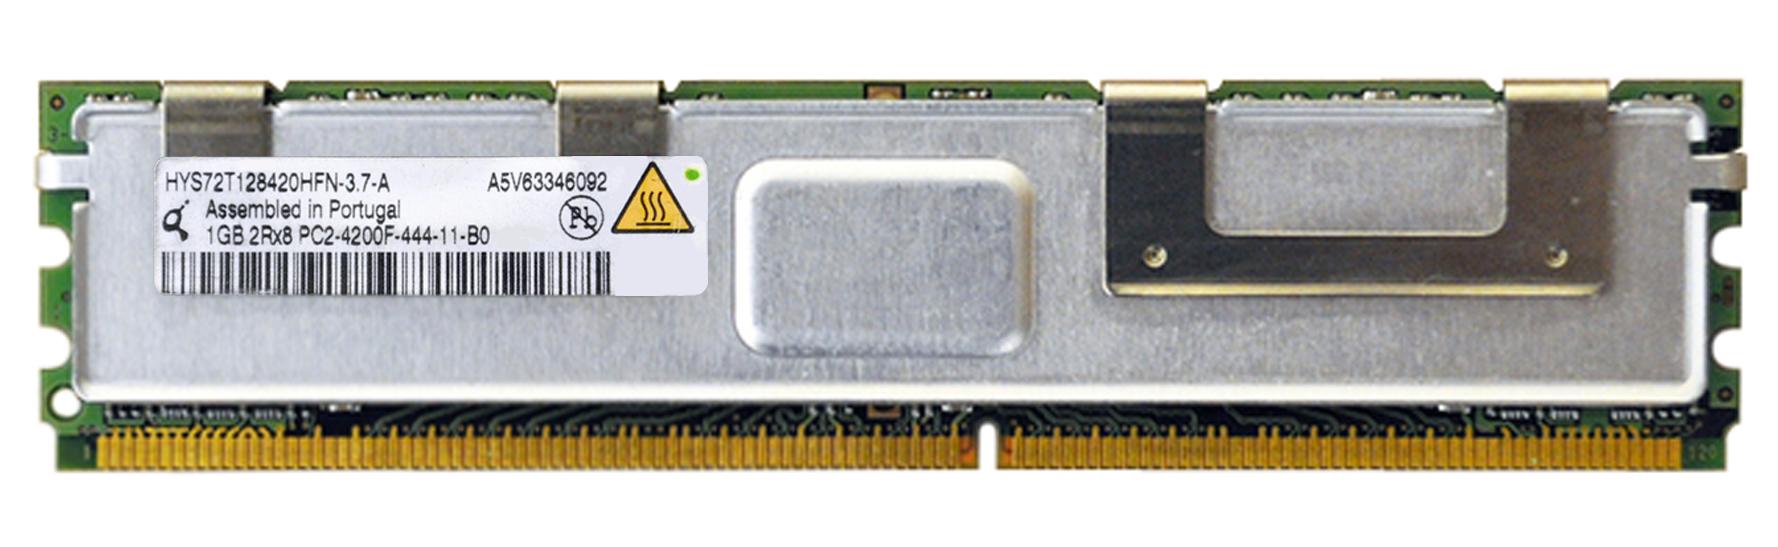 1GB 2Rx8 PC2 4200F 444